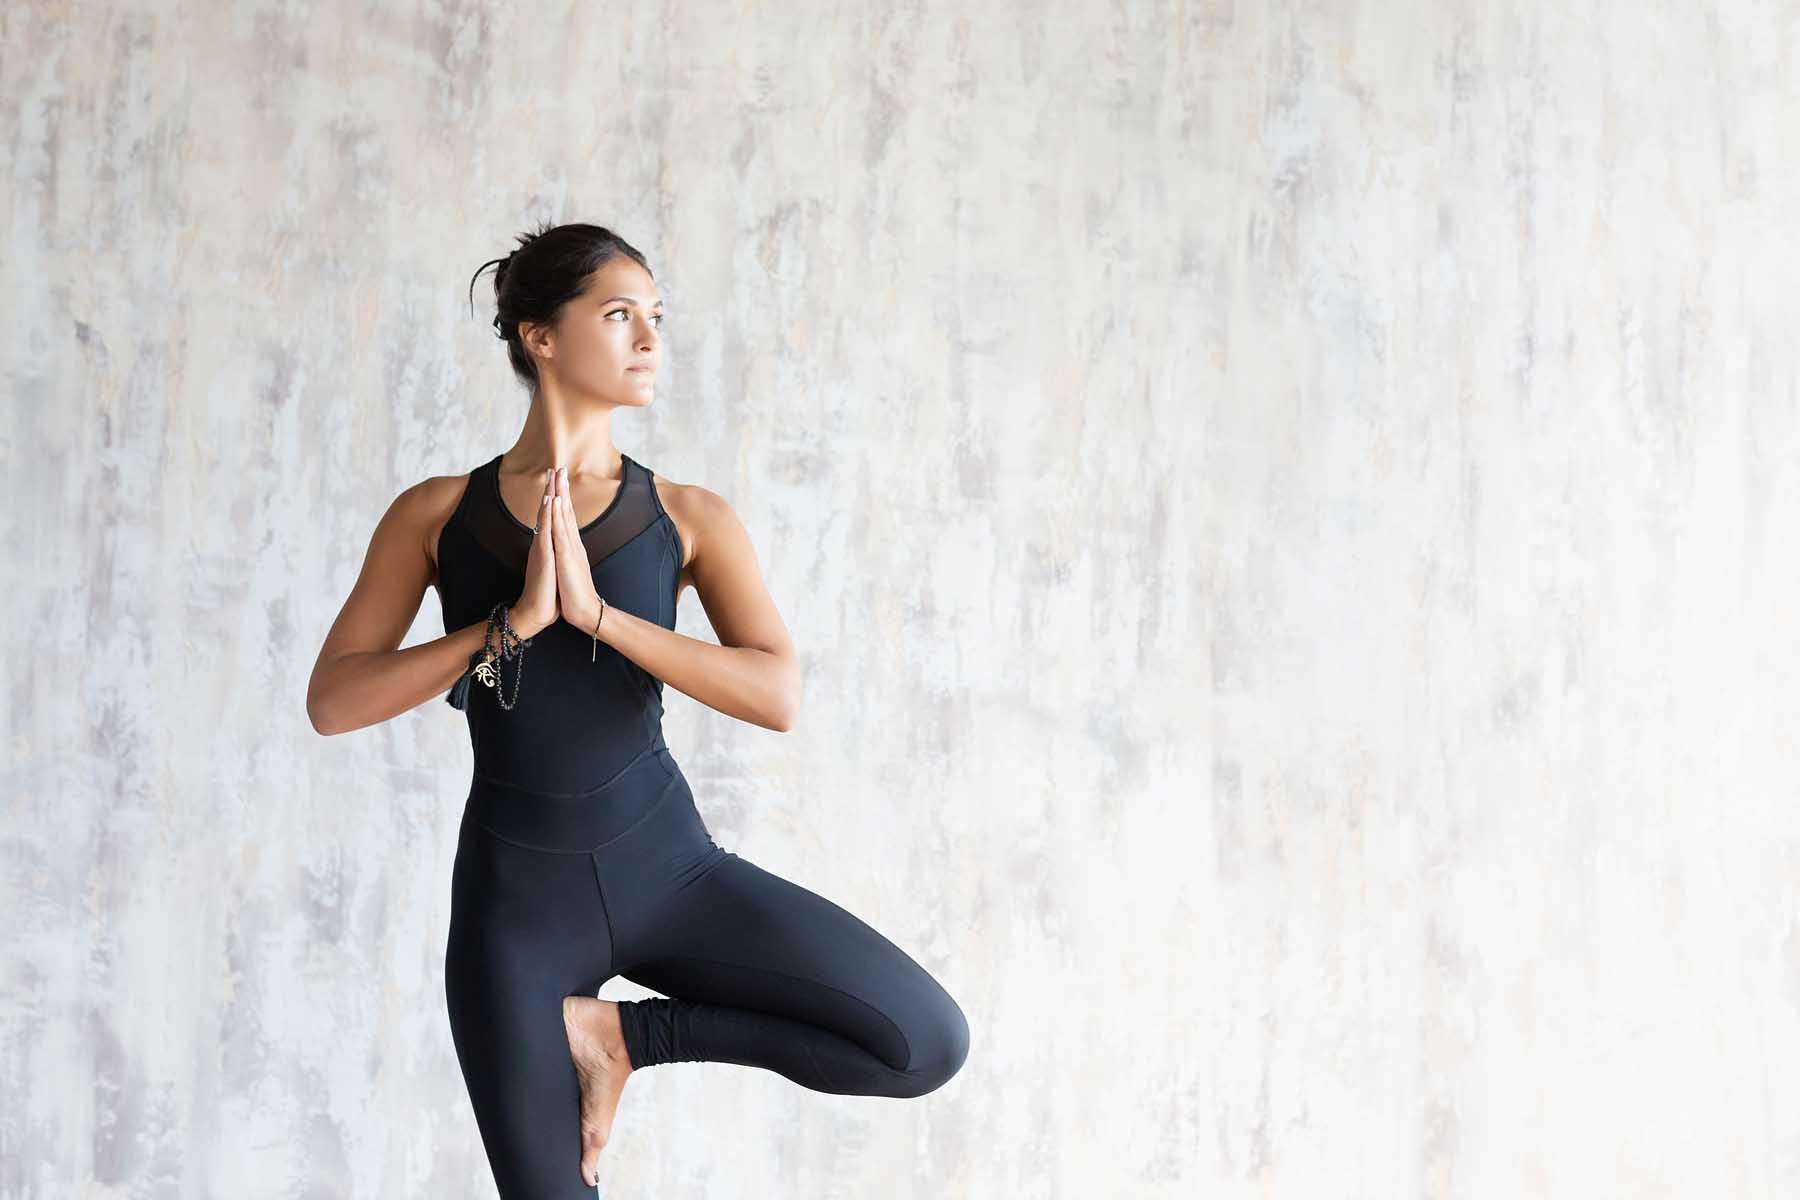 Yoga para principiantes: 10 posiciones para practicar 1